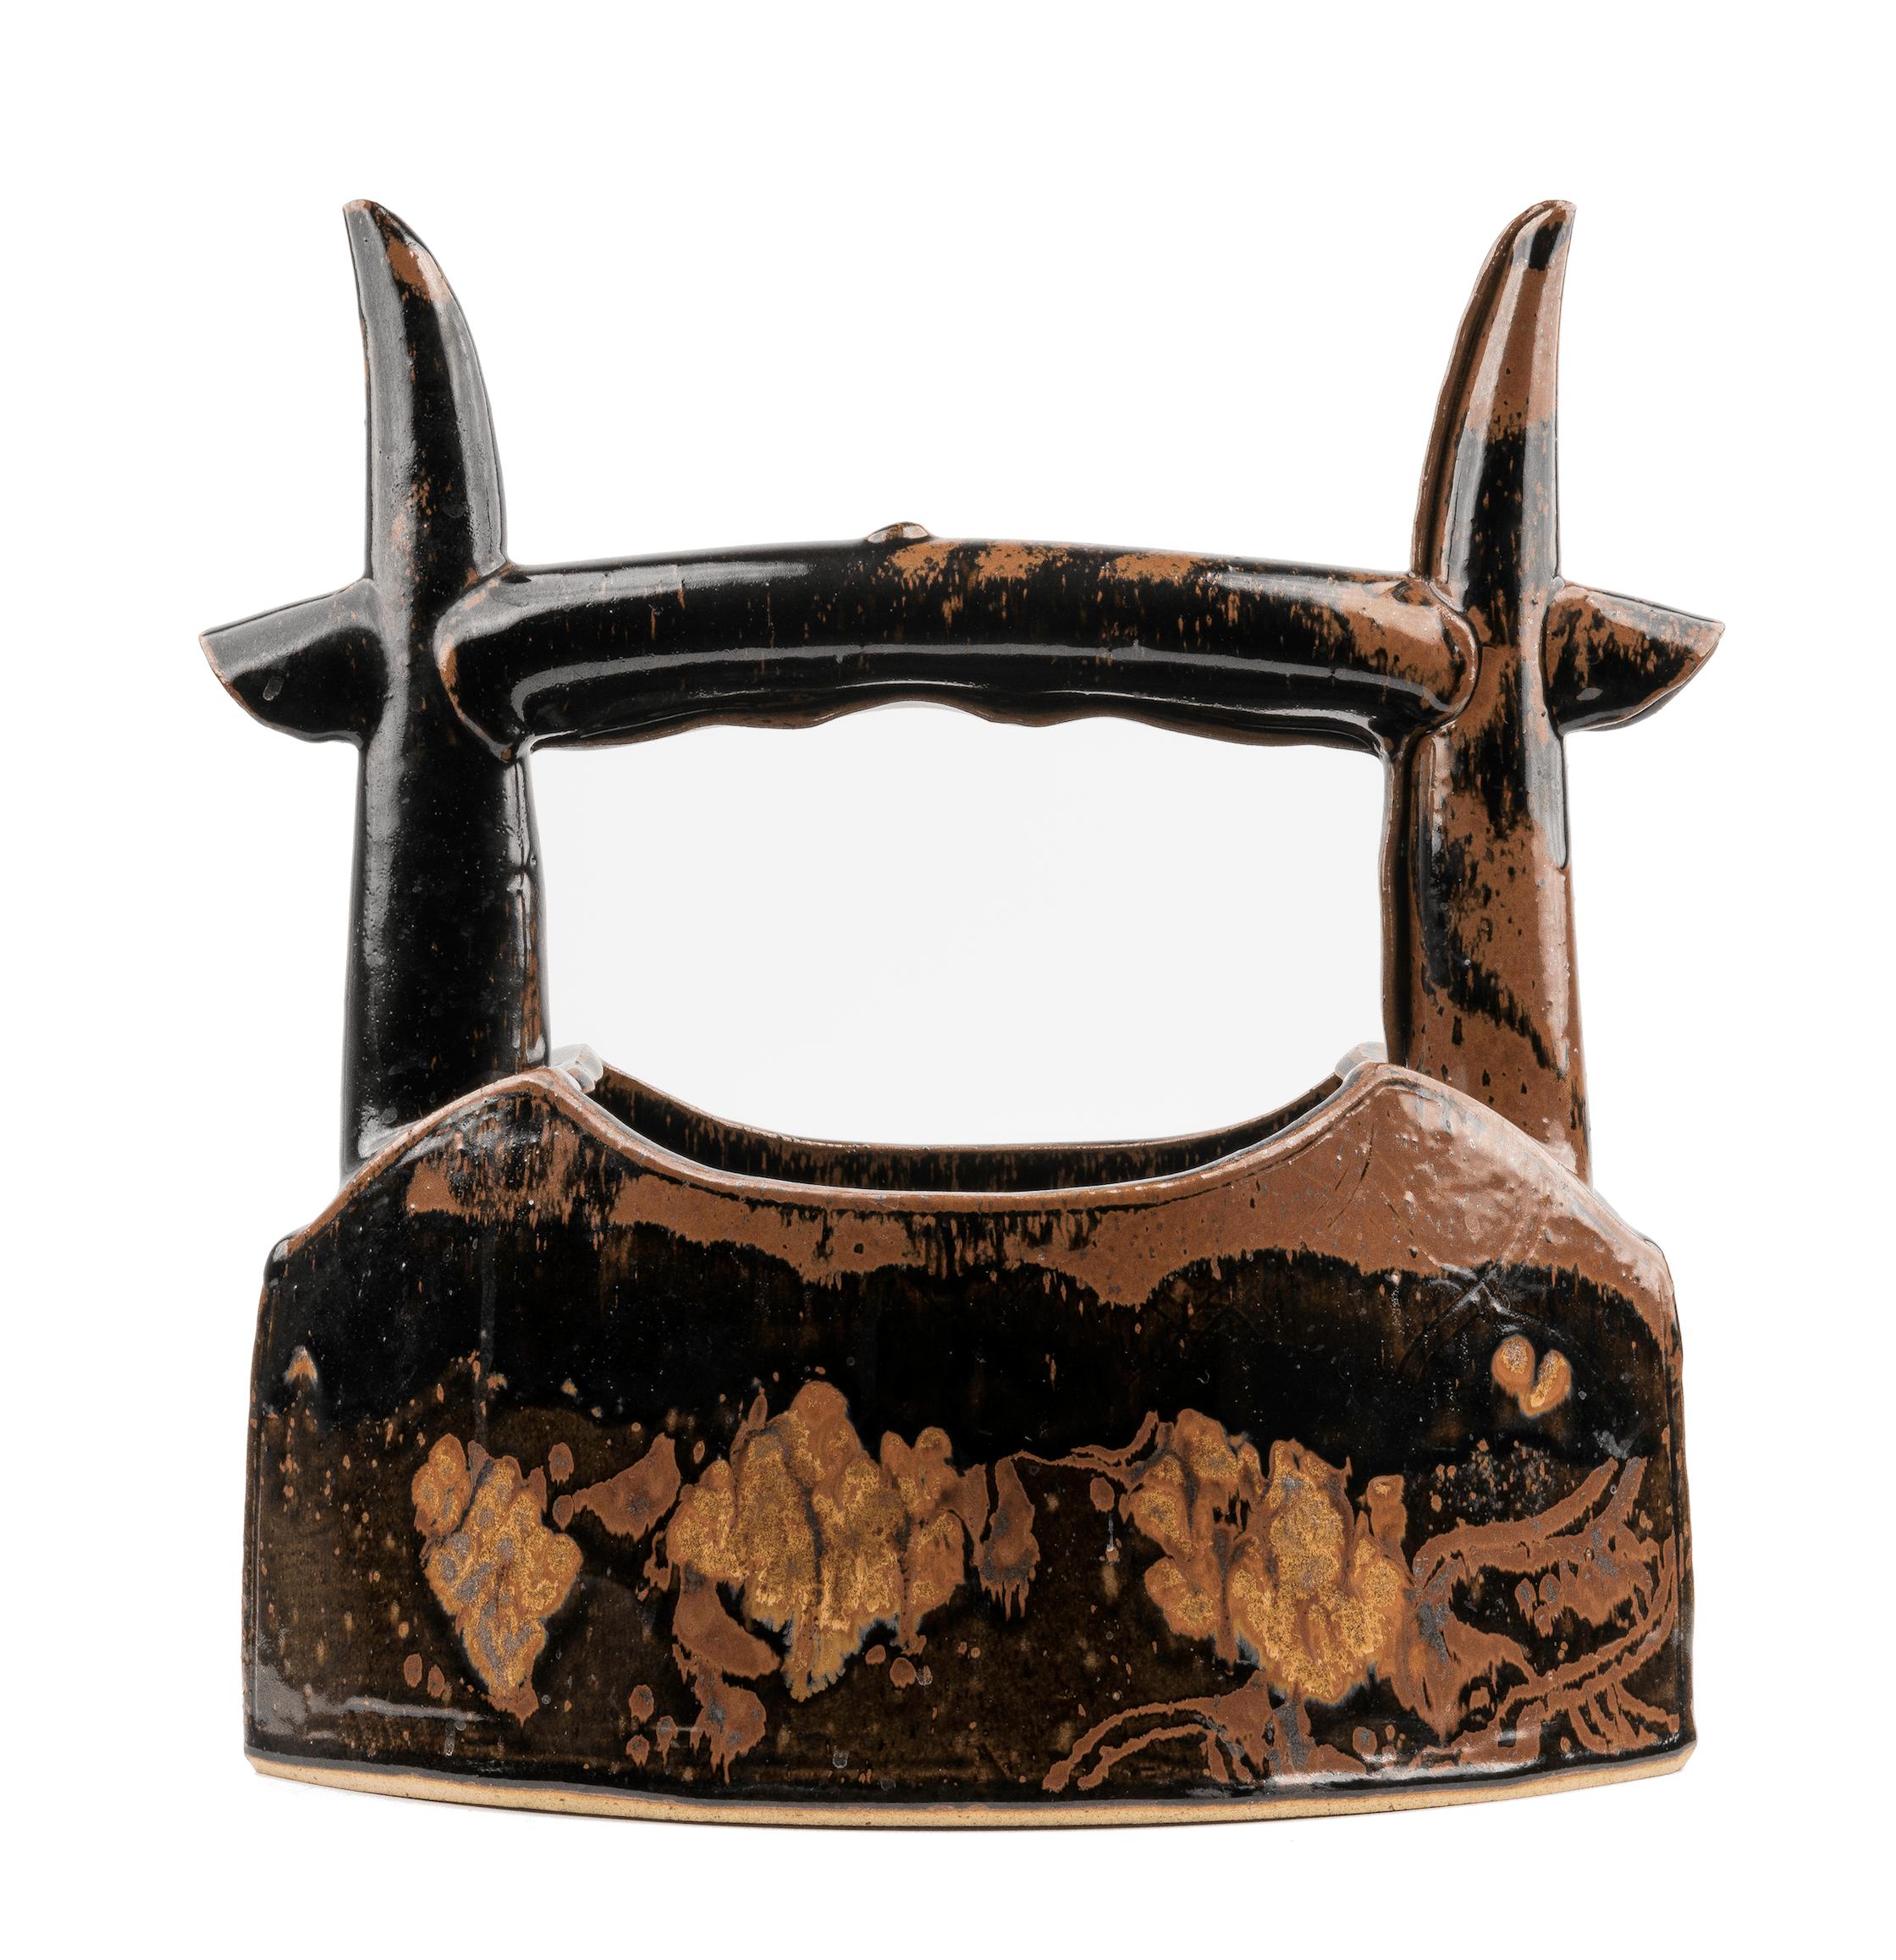 Japanese pottery basket